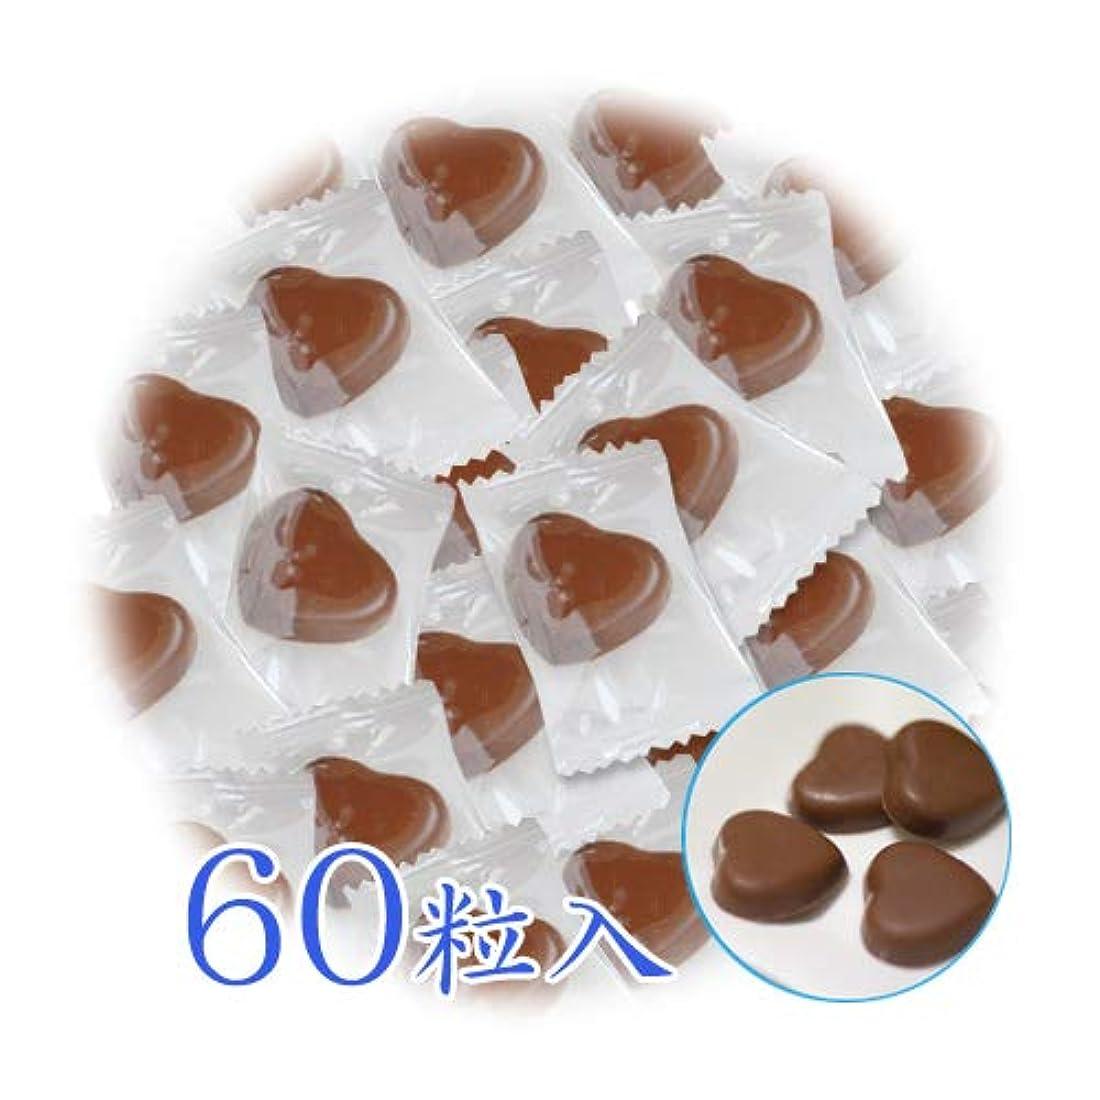 シットコム努力起きてキシリトール 100% キシリの力 チョコレート 箱なし 個包装 3g×60粒